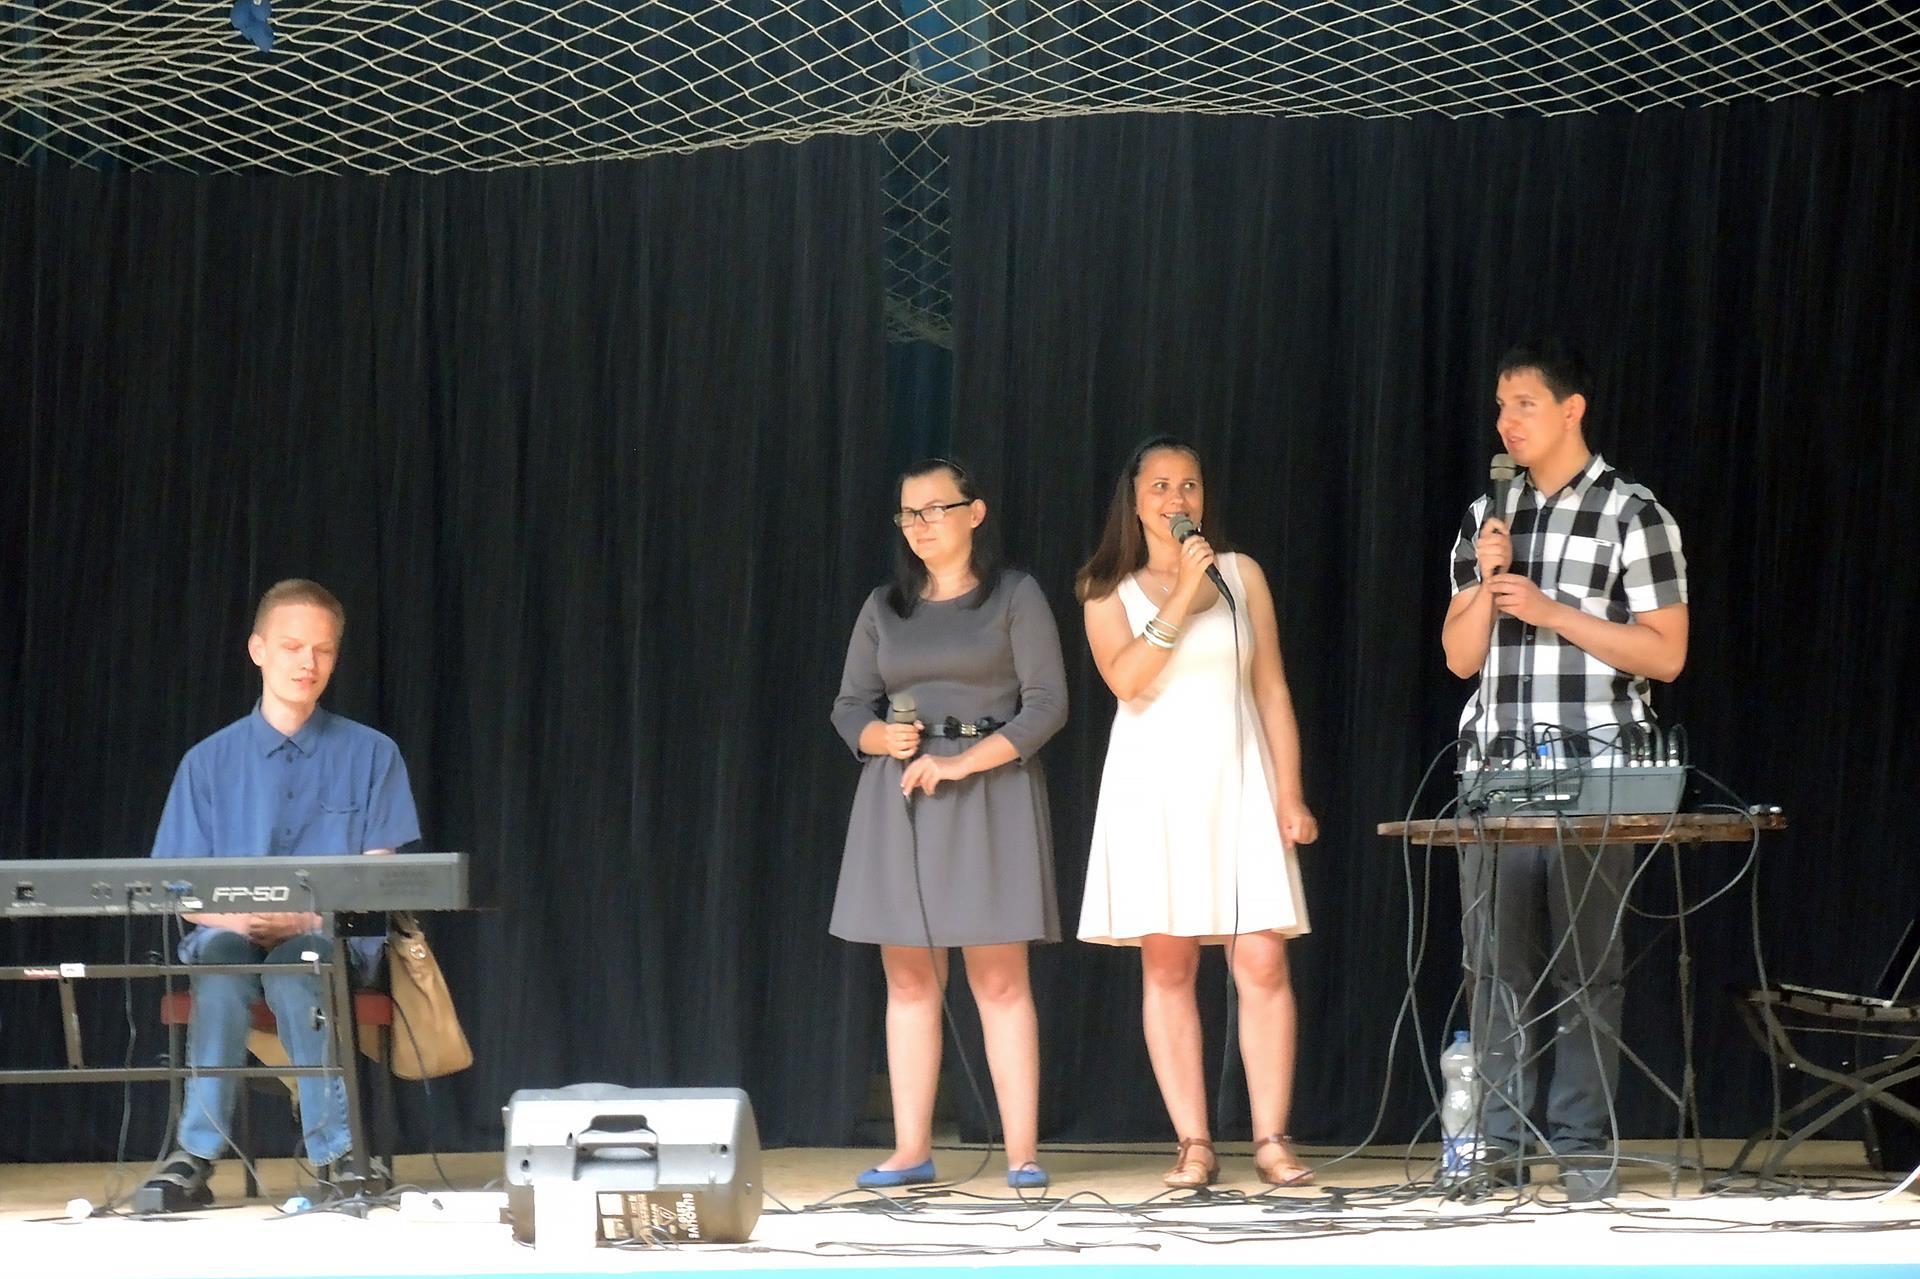 Cztery osoby stoją na scenie. Po prawej stronie, za klawiszami, siedzi mężczyzna po jego lewej stronie stoi kobieta w dłoniach trzyma mikrofon, obok niej stoi kobieta, która śpiewa, a po jej lewej stronie stoi mężczyzna, który trzyma w dłoniach mikrofon. Przed nim stoi stolik, na którym stoi mikser.